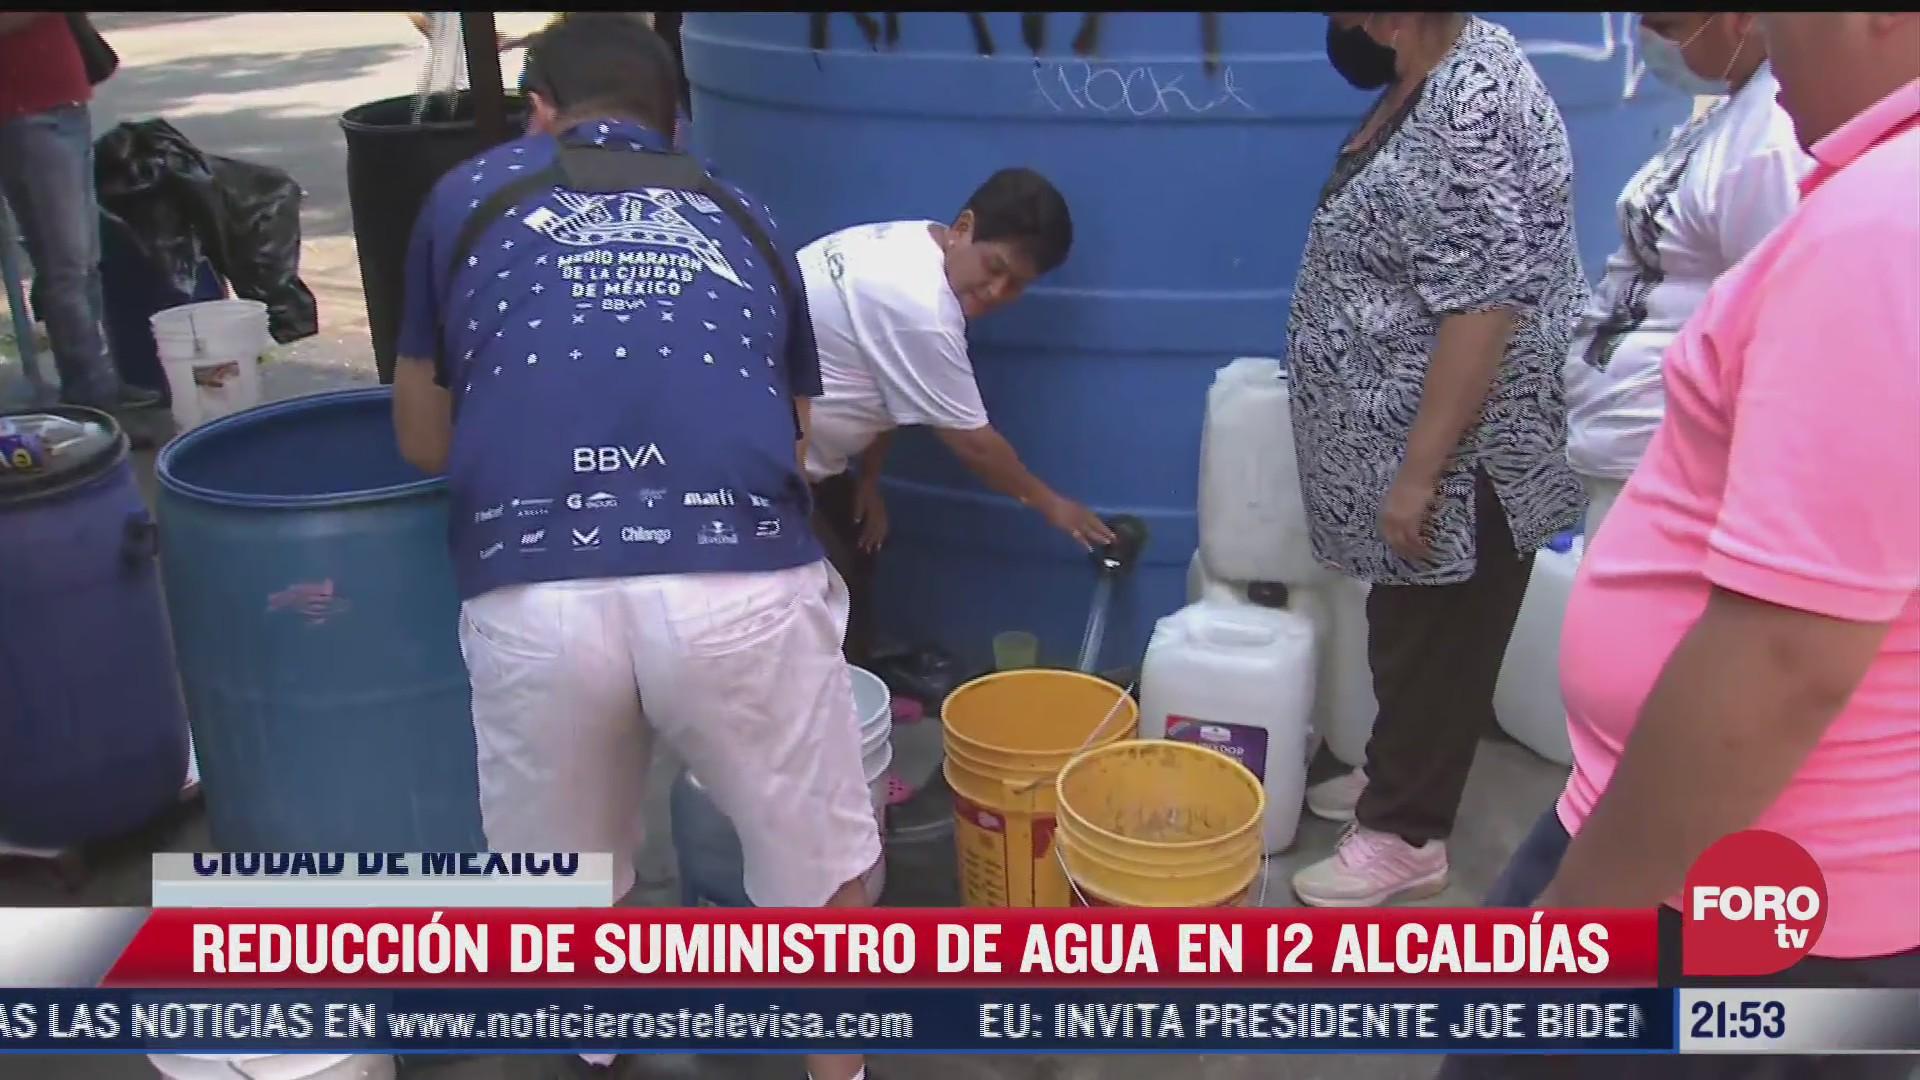 brindan servicio de pipas tras reduccion de suministro de agua